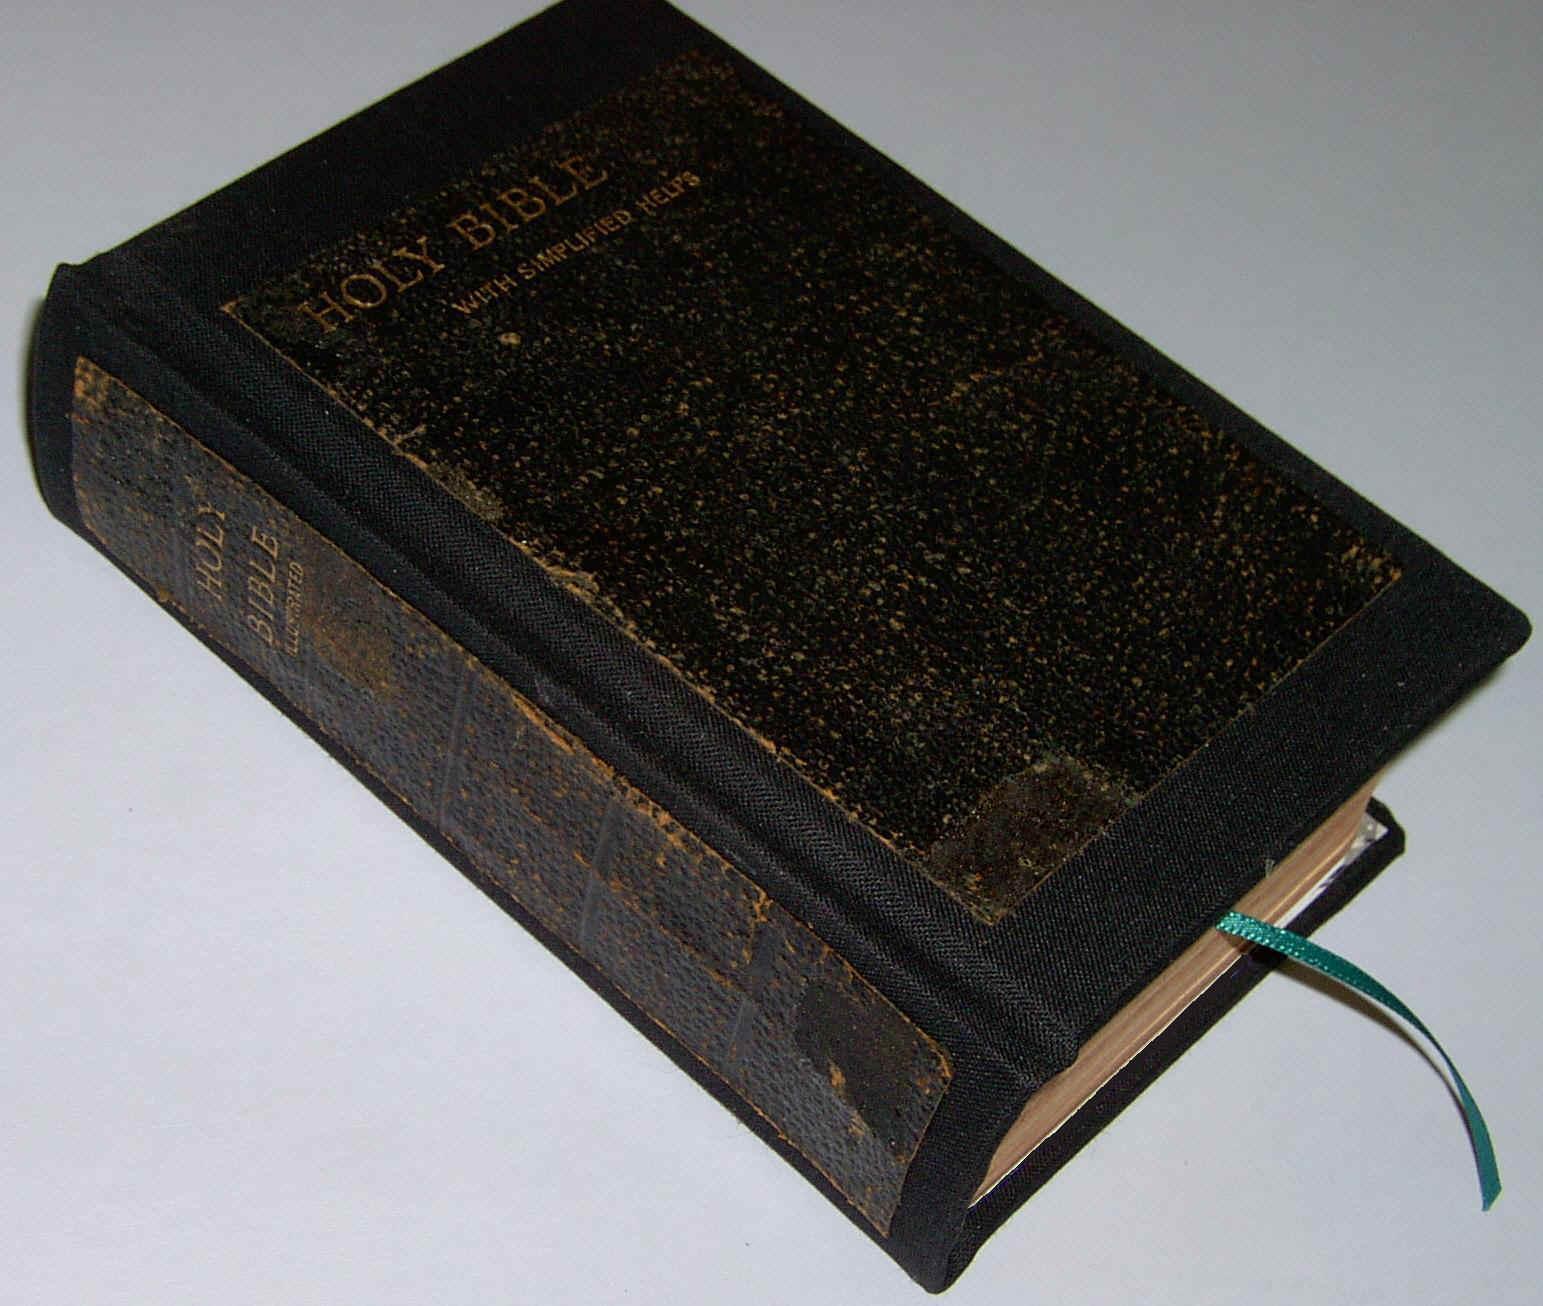 Bible and Book Repair